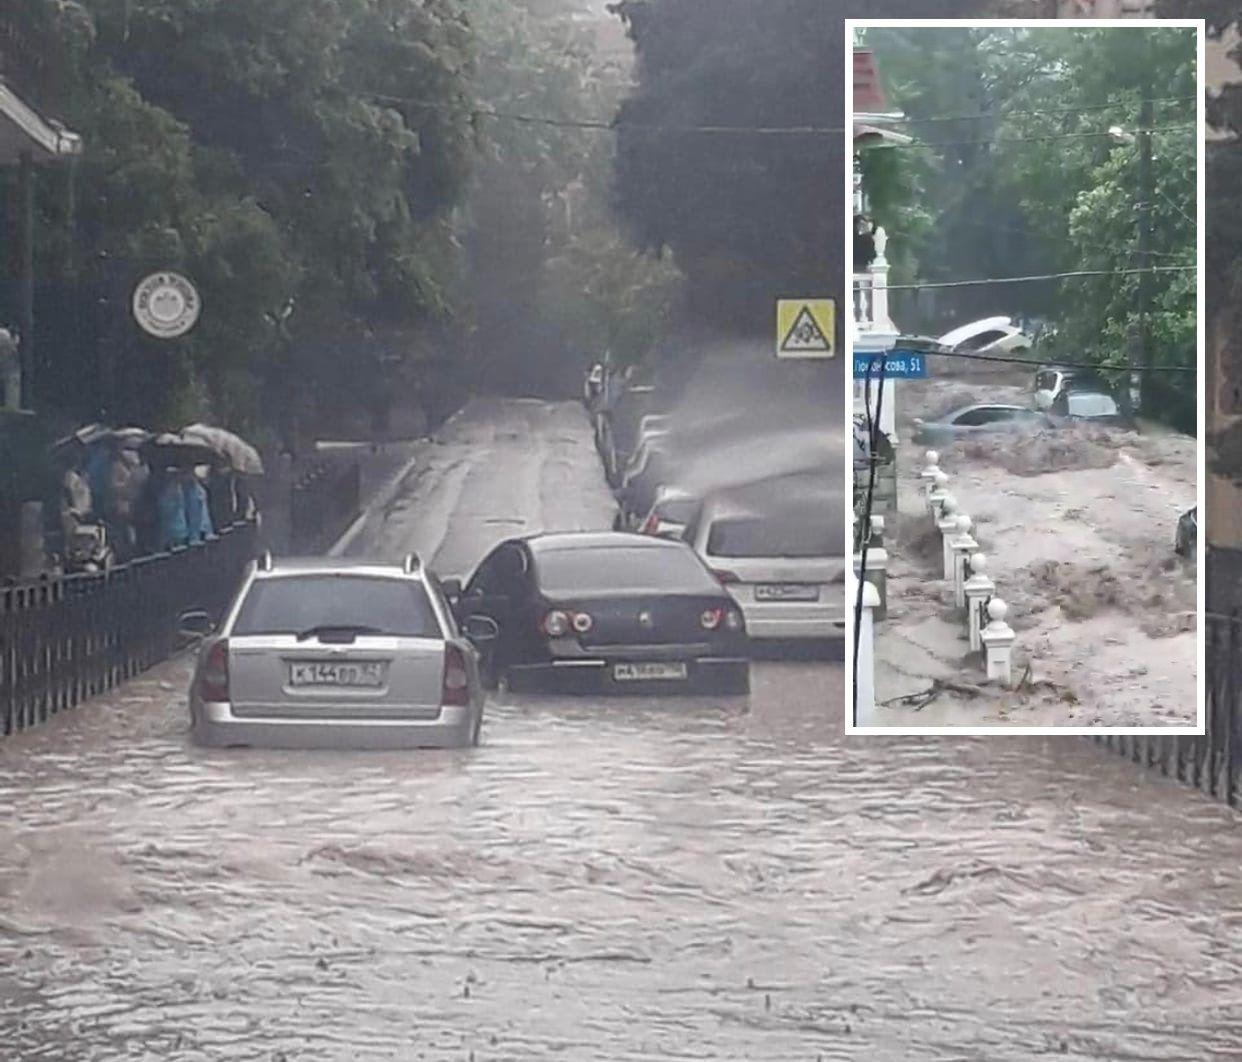 Ялта пережила мощный потоп, которого не было с 1922 года: город остался без света, связи и воды